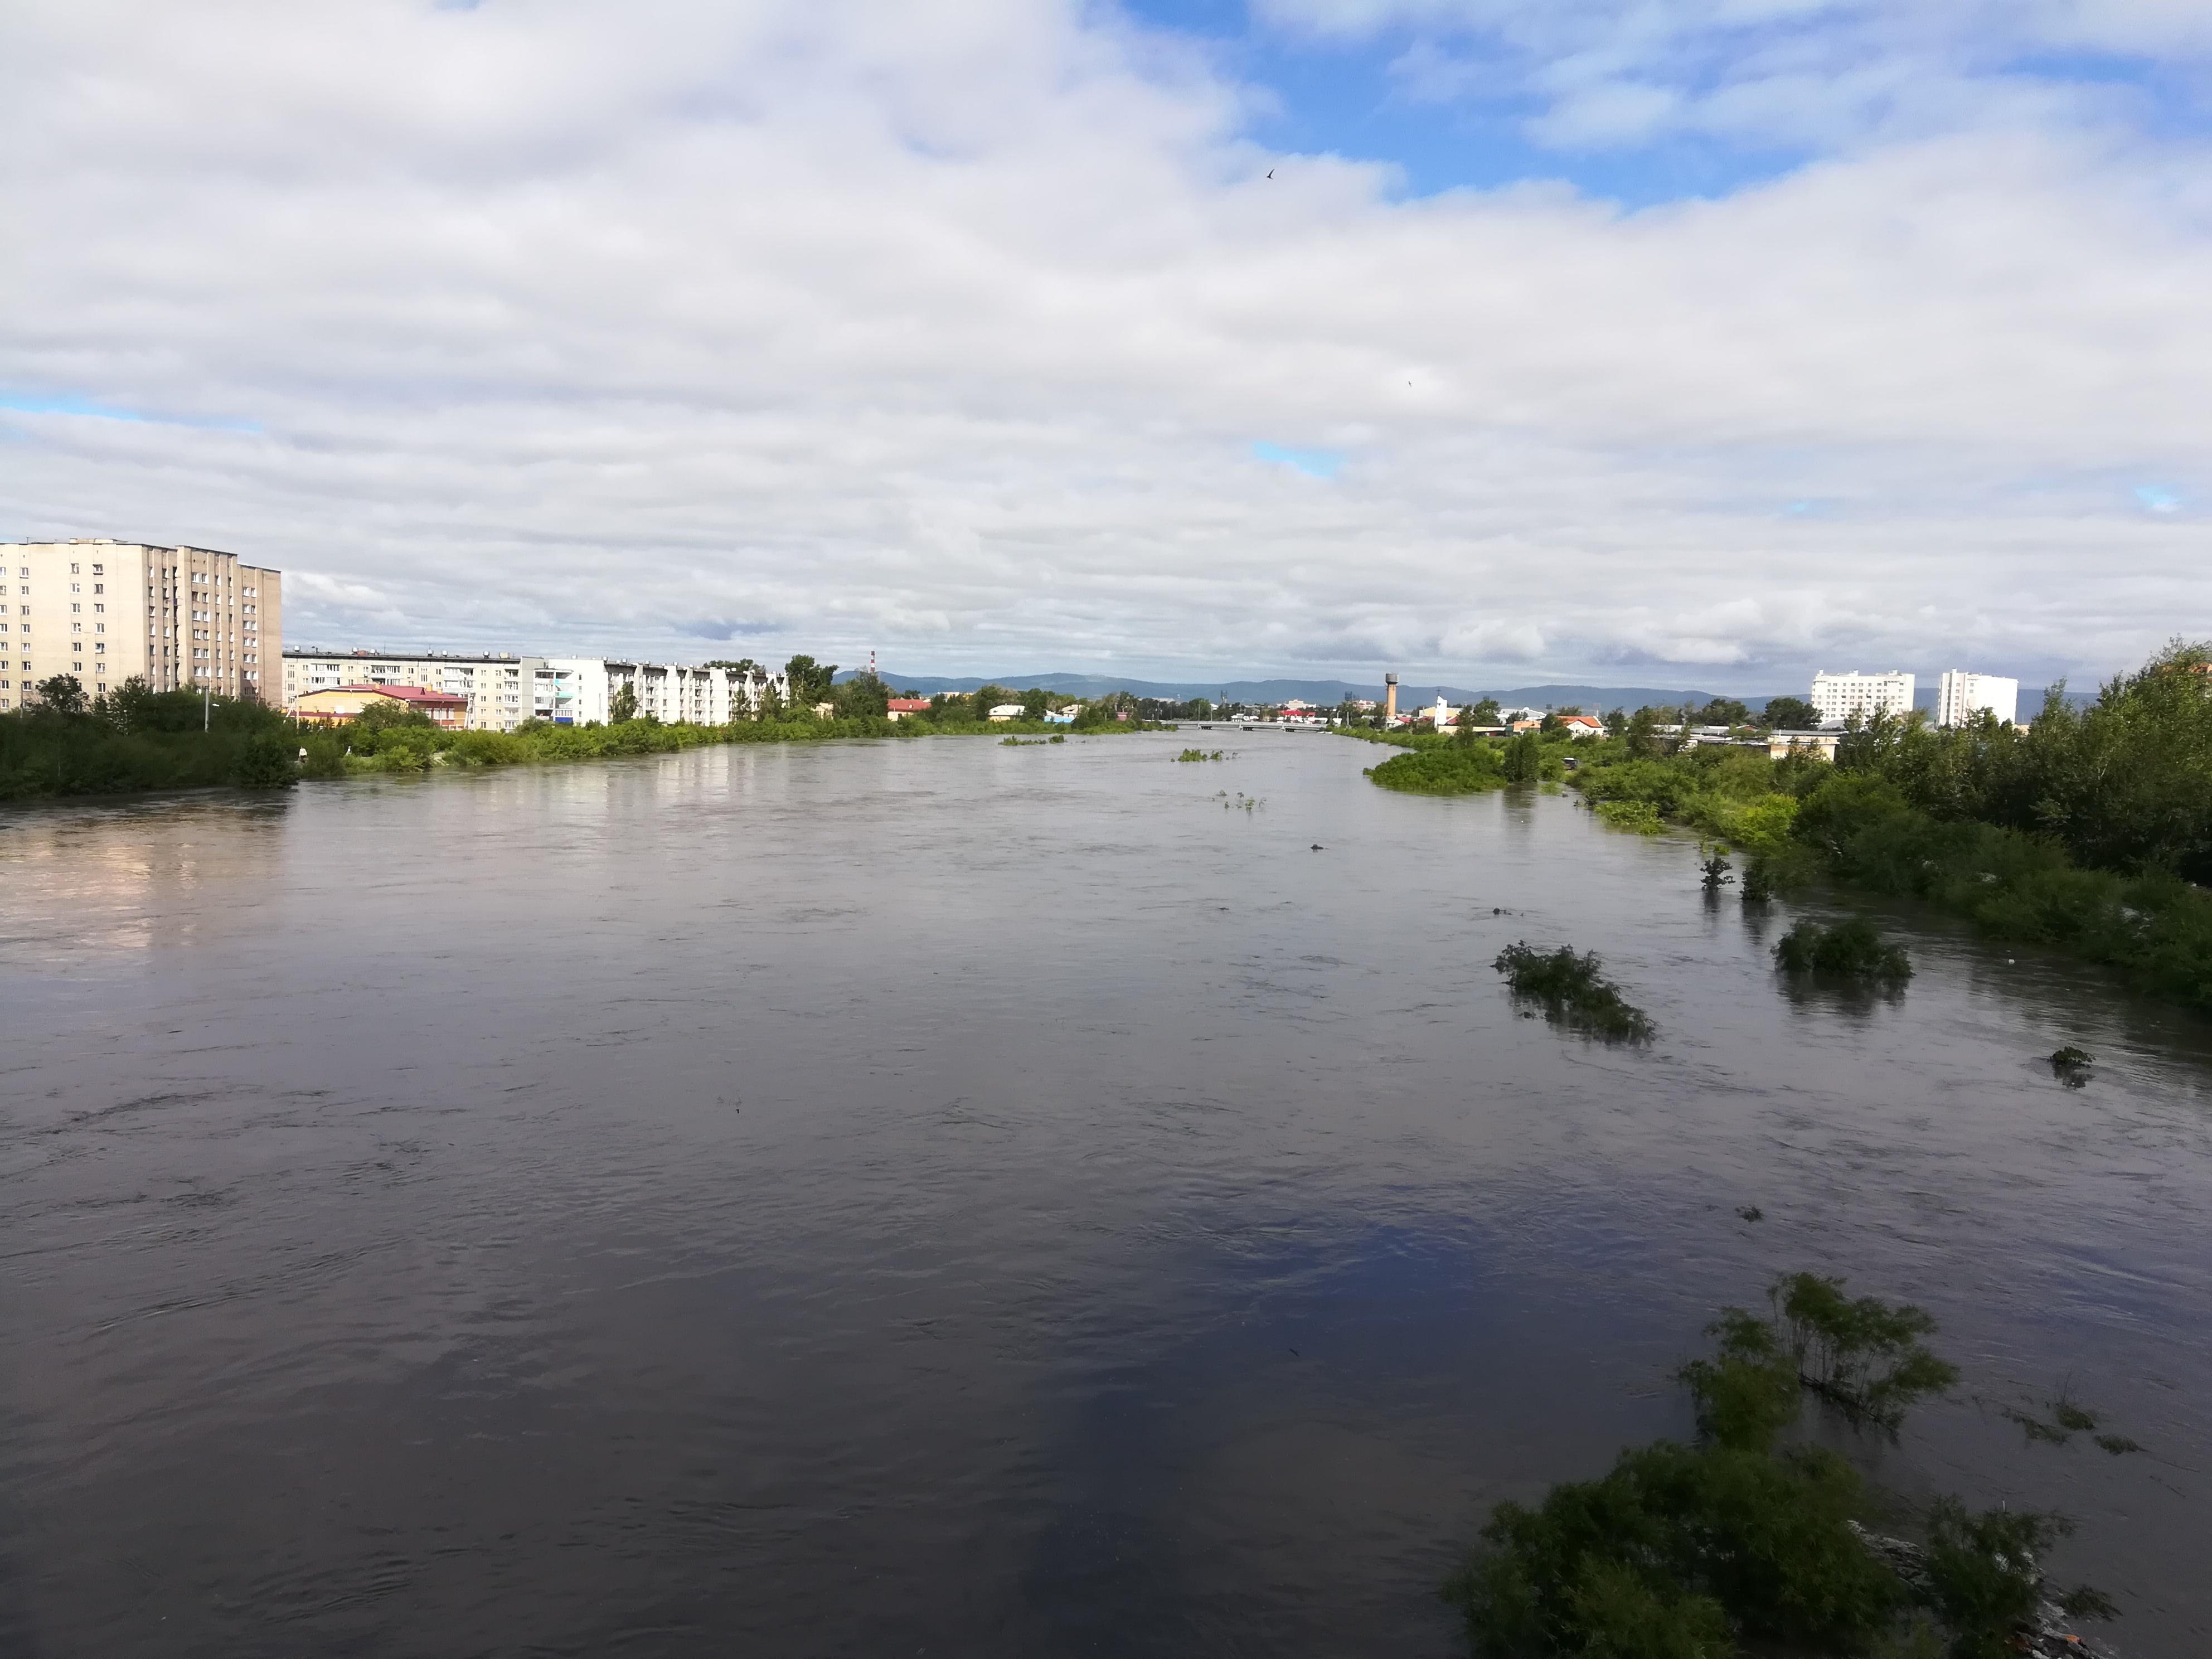 МЧС: В Забайкалье ожидаются очень сильные дожди и ливни